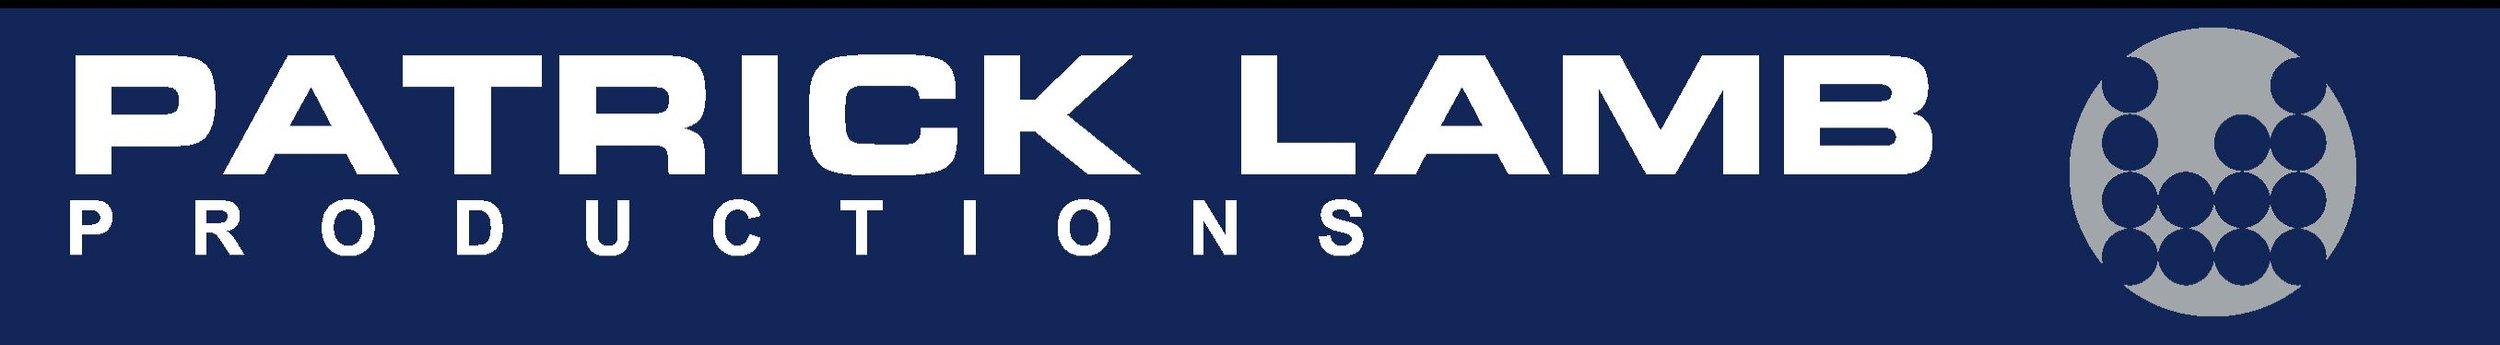 Patrick Lamb Productions logo.jpg